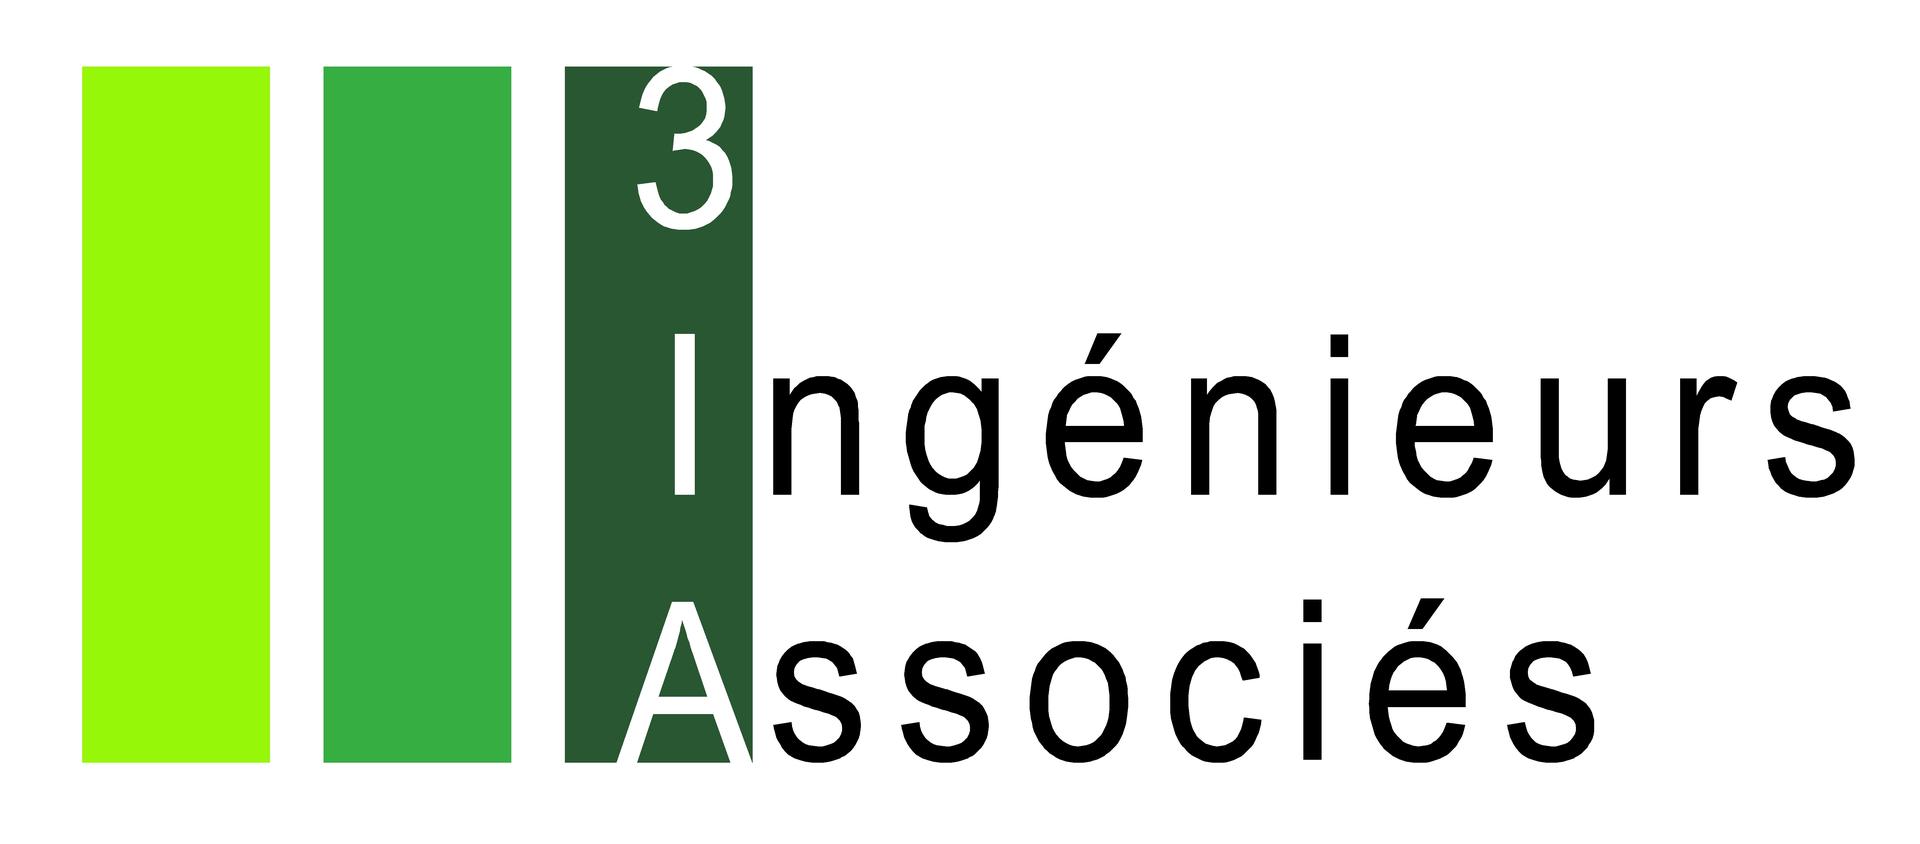 3 I A 3 INGENIEURS ASSOCIES ingénierie et bureau d'études (divers)